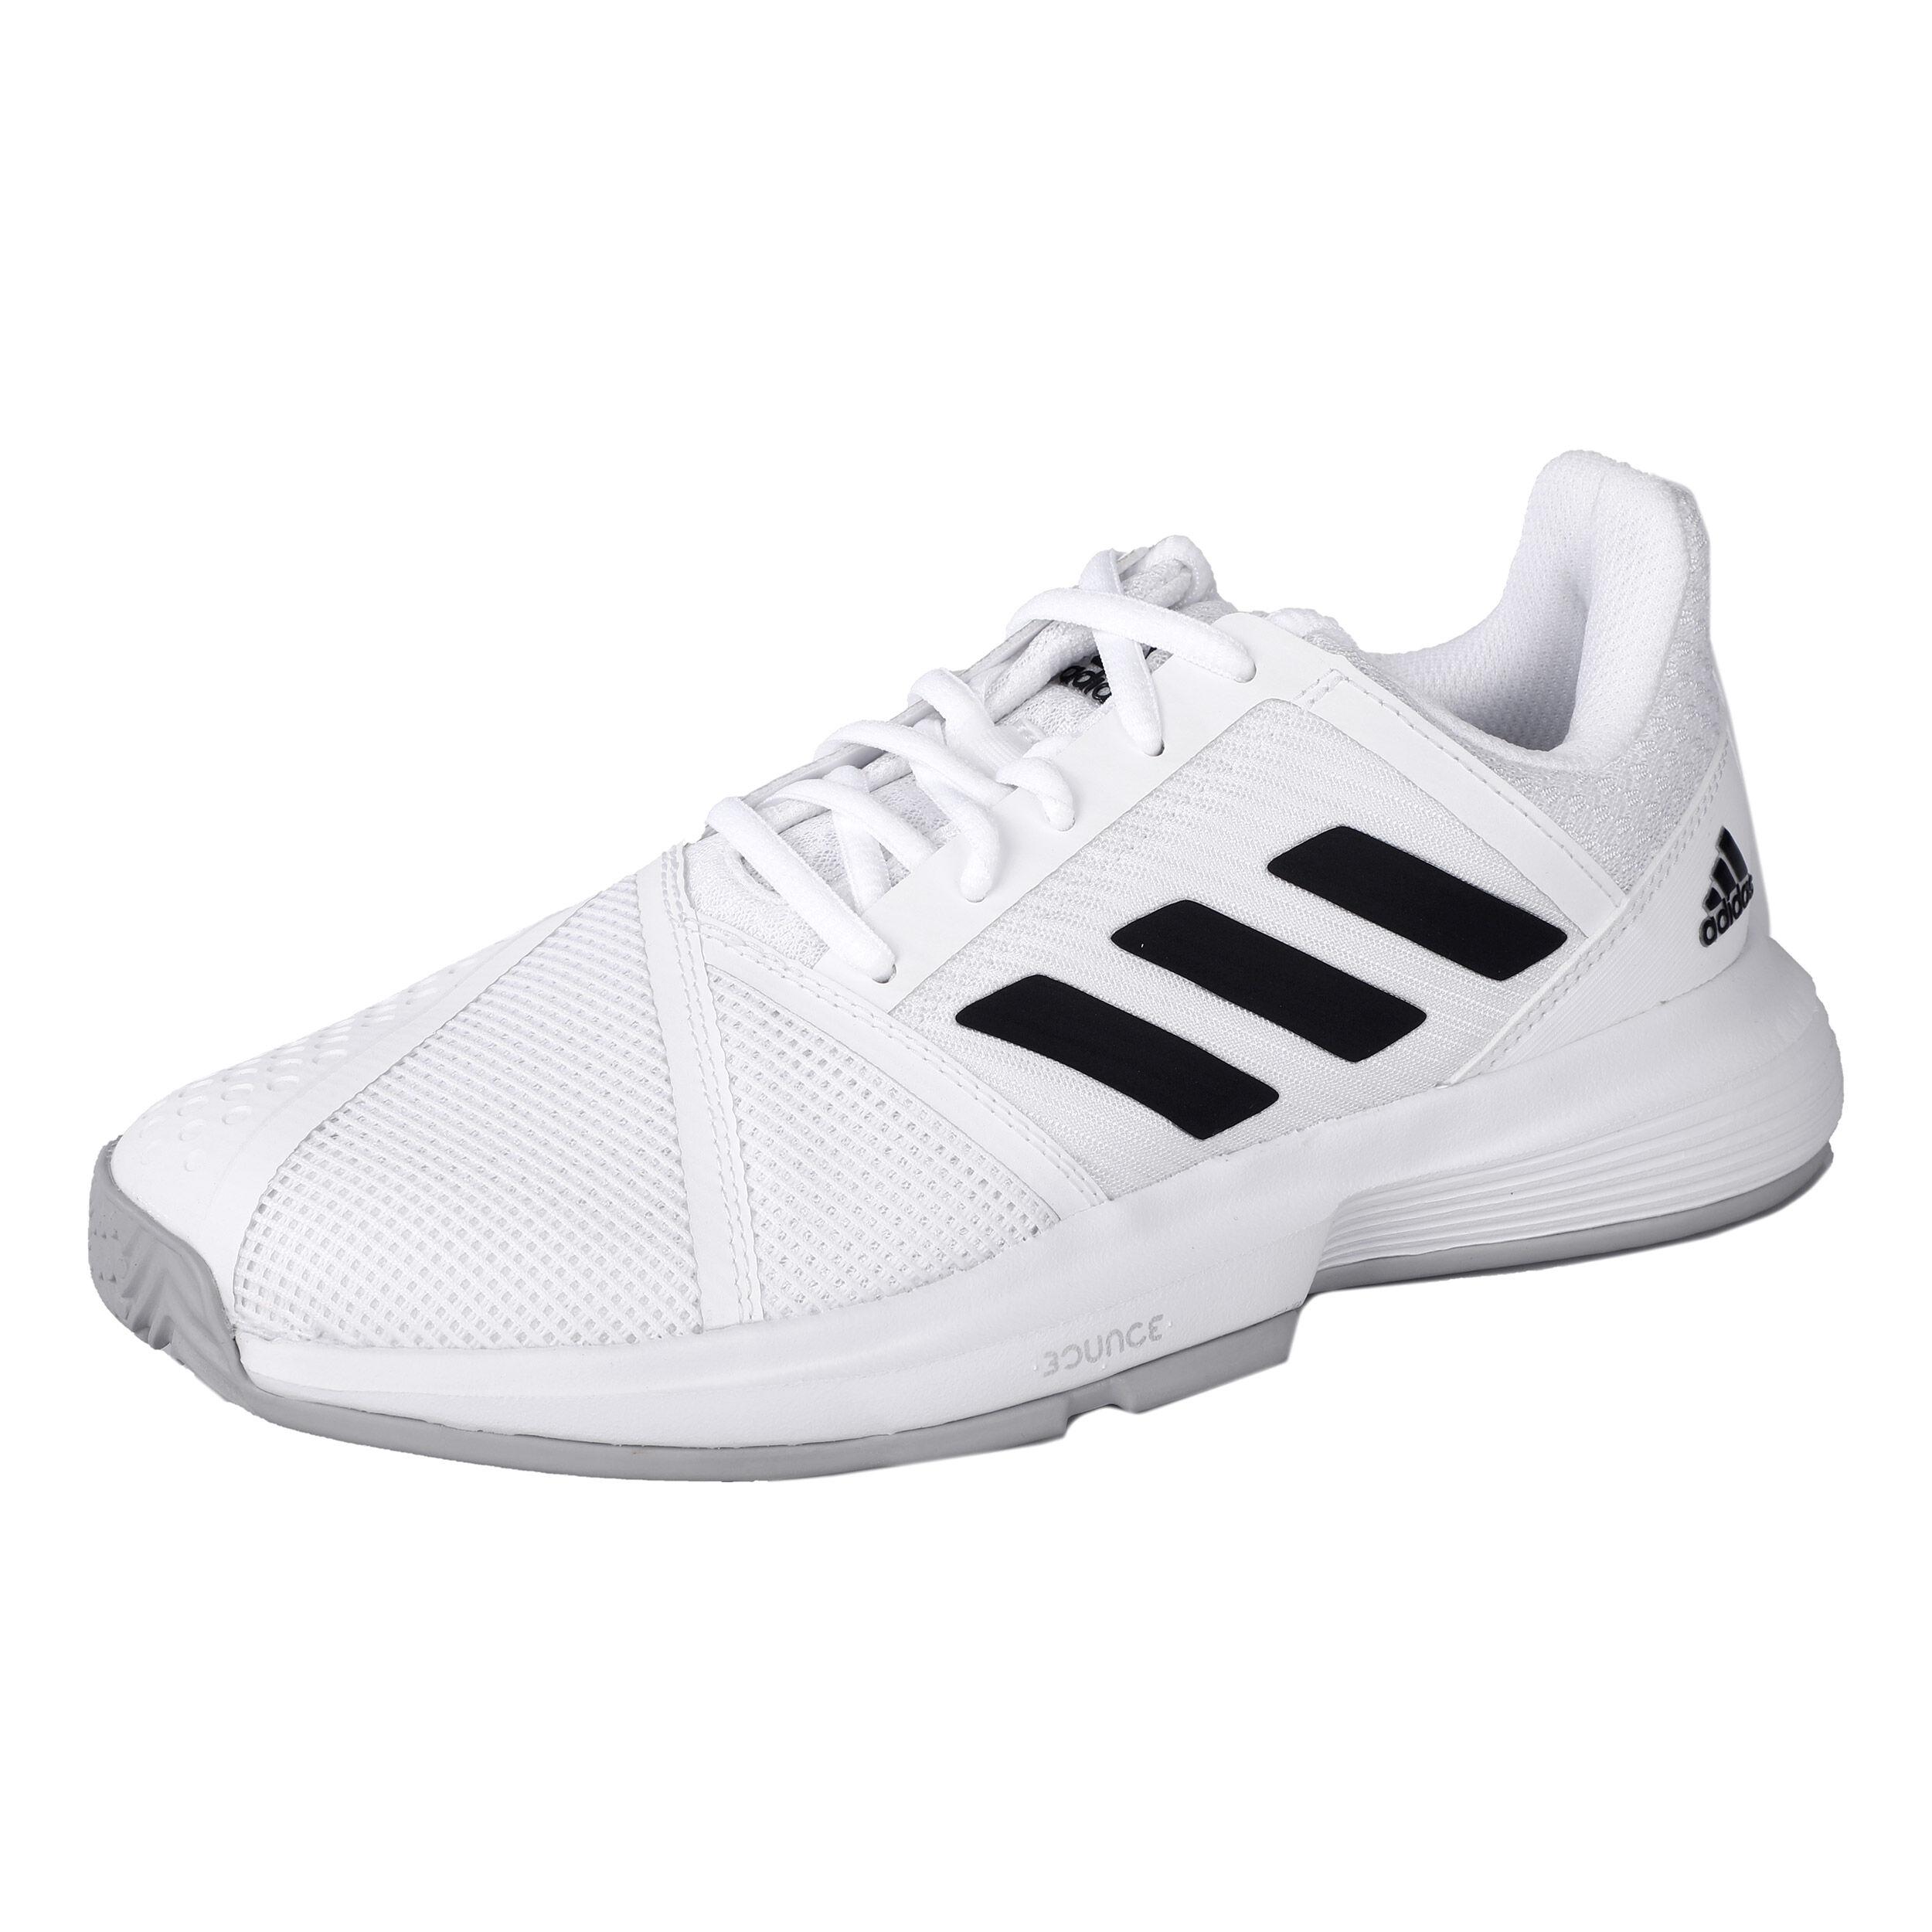 adidas Court Jam Bounce Damen Weiß, Grau online kaufen